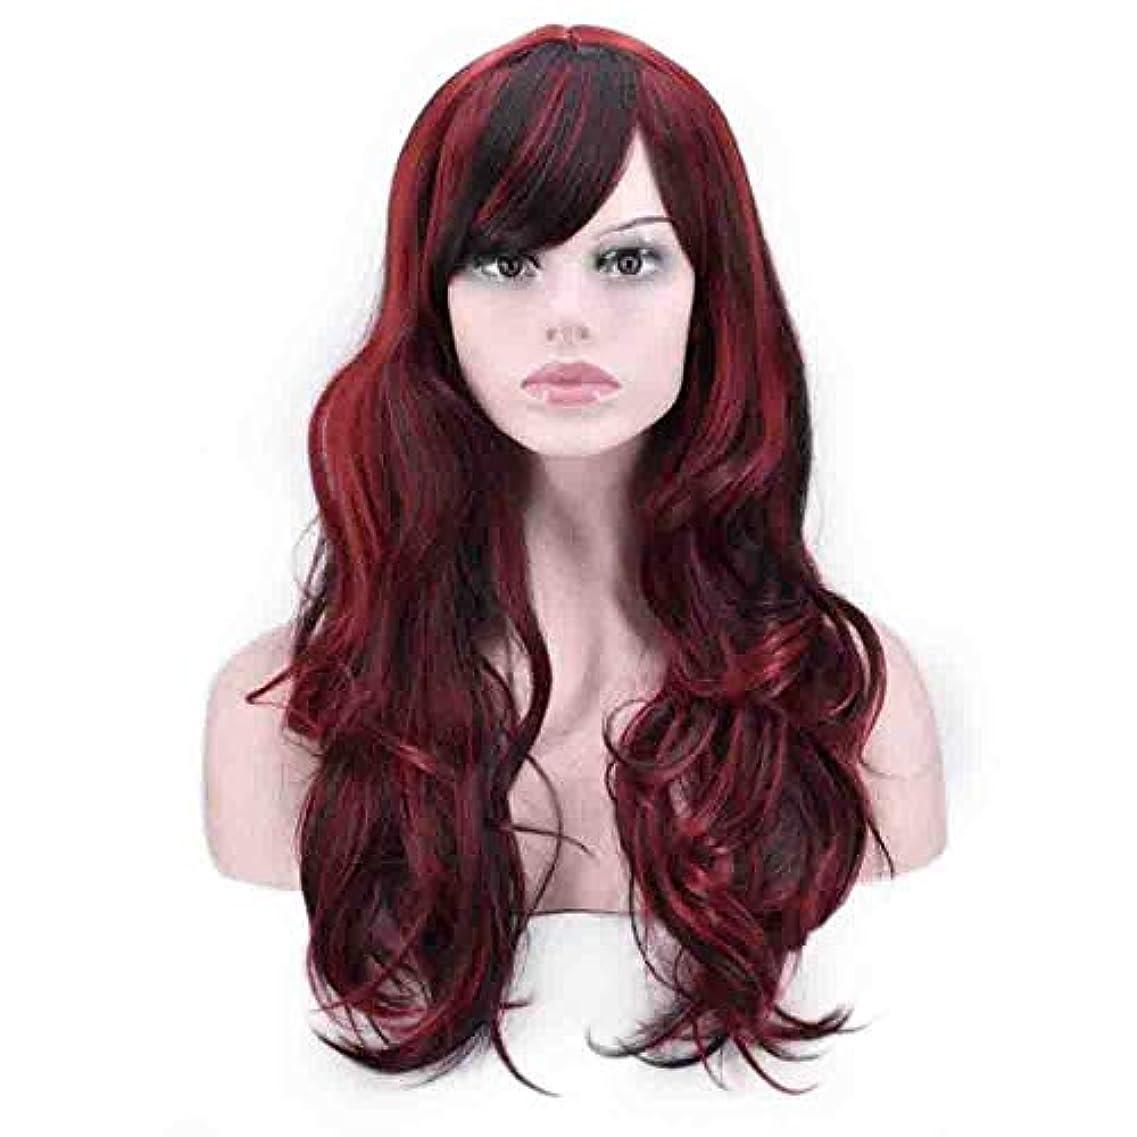 感動する誤解させる縞模様の女性のための色のかつら、ポニーテールのロリータカーリーコスプレウィッグ、高密度温度合成ウィッグコスプレヘアウィッグ、耐熱繊維ヘアウィッグ